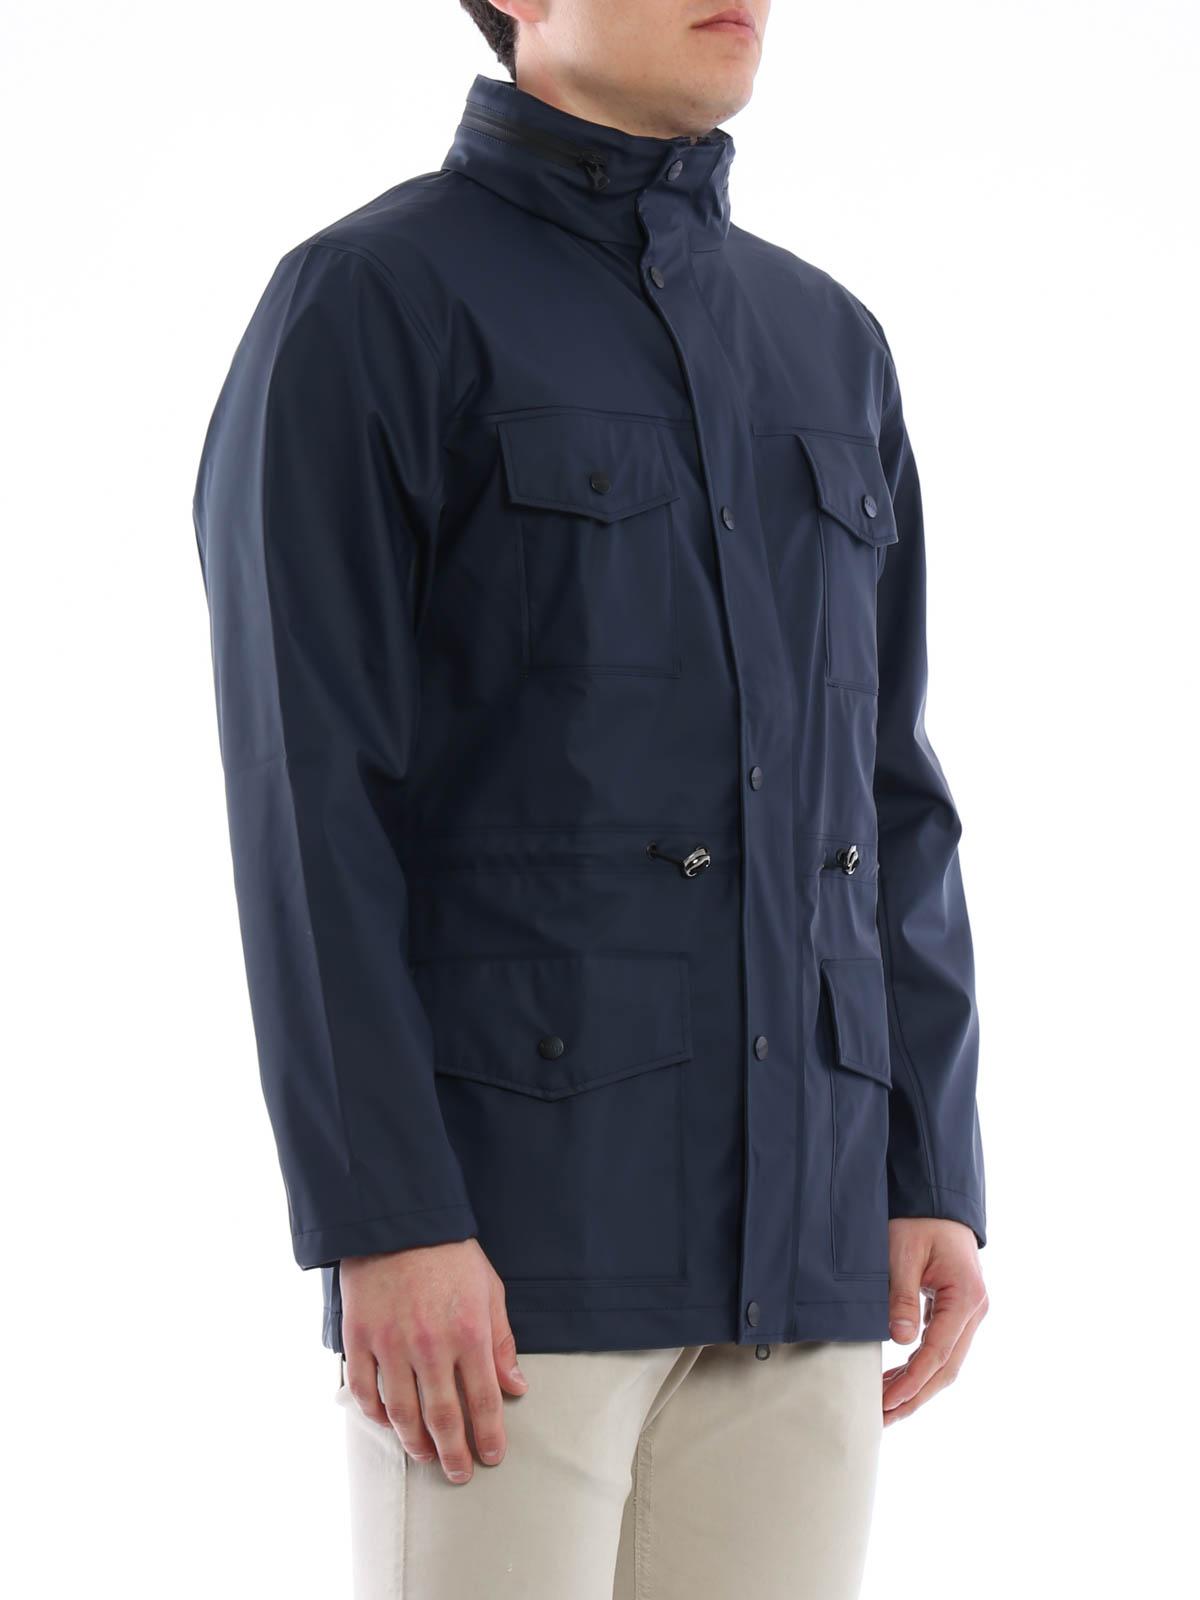 742c39e4f Rains - Jacket waterproof coat - short coats - 1201 02   iKRIX.com